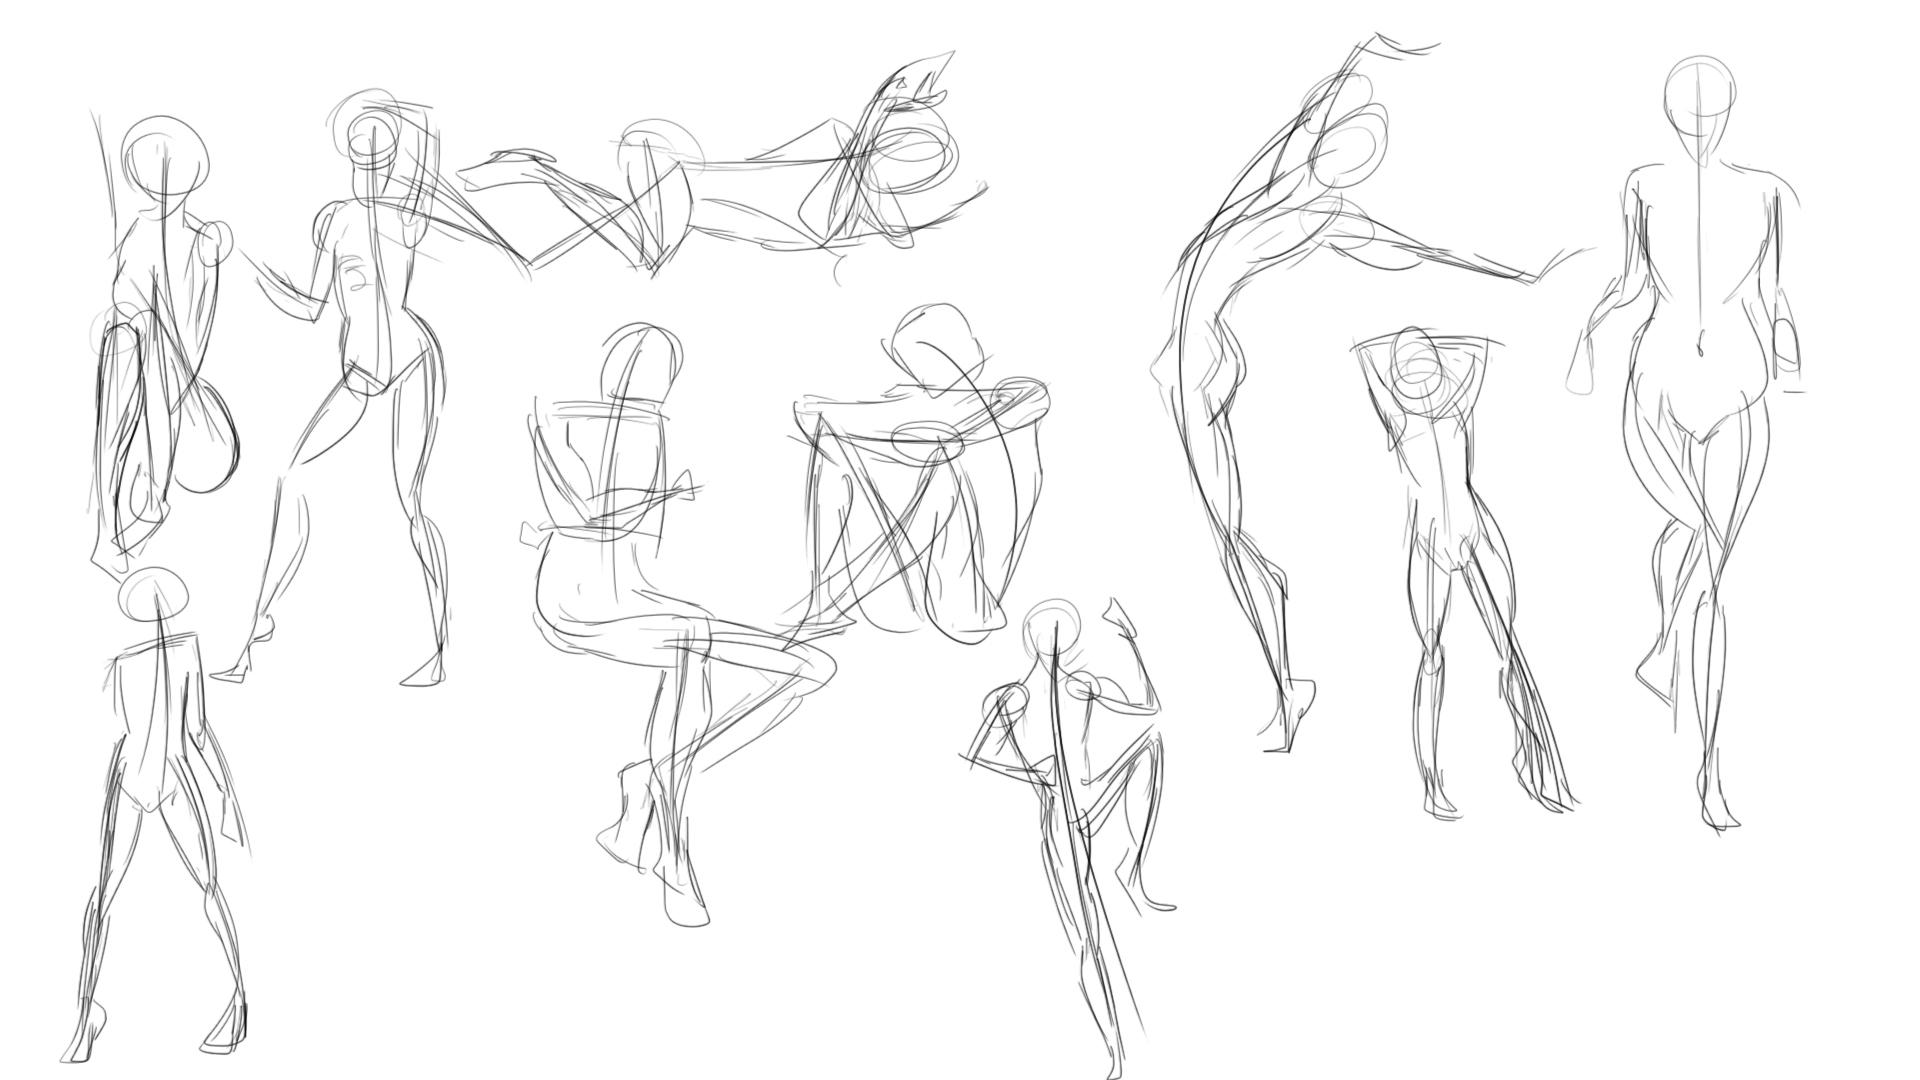 Term 1 Gesture Drawings Aster Xi Art School Forums